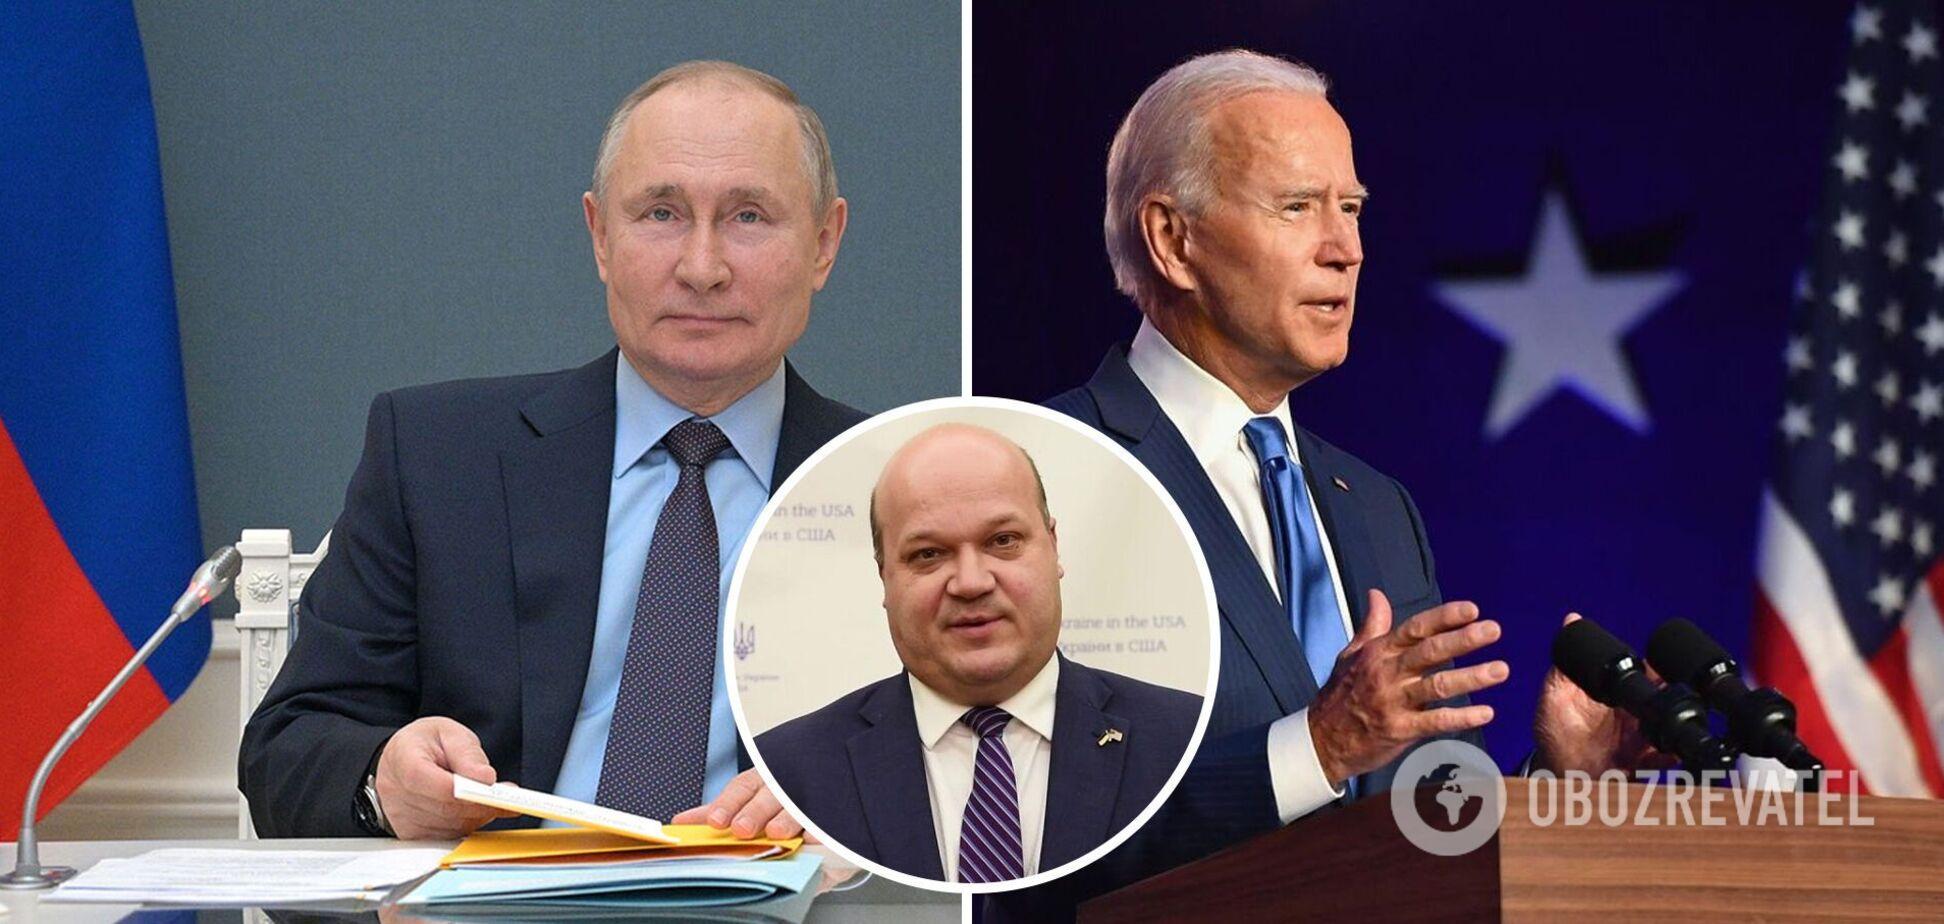 Чалий: із буферною зоною не рахуватимуться, Україні потрібно швидше вступити в НАТО